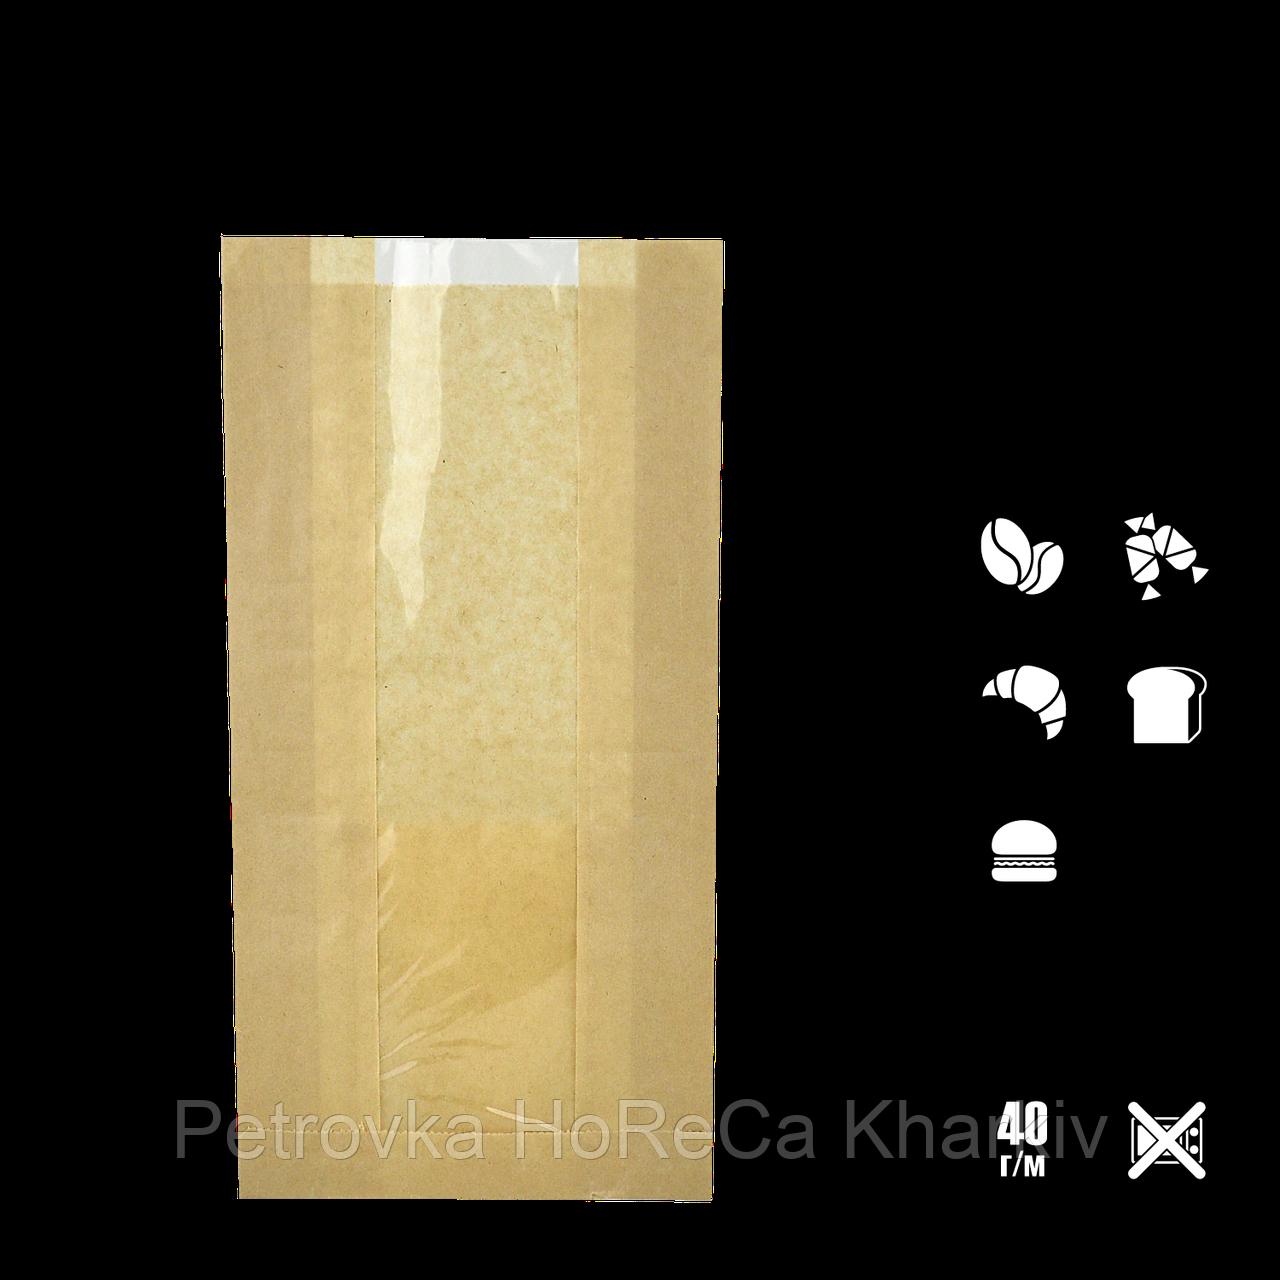 Бумажный пакет без ручек крафтовый с прозрачной вставкой 240х120х50/40мм (ВхШхГхШВ) 40г/м² 100шт (57)